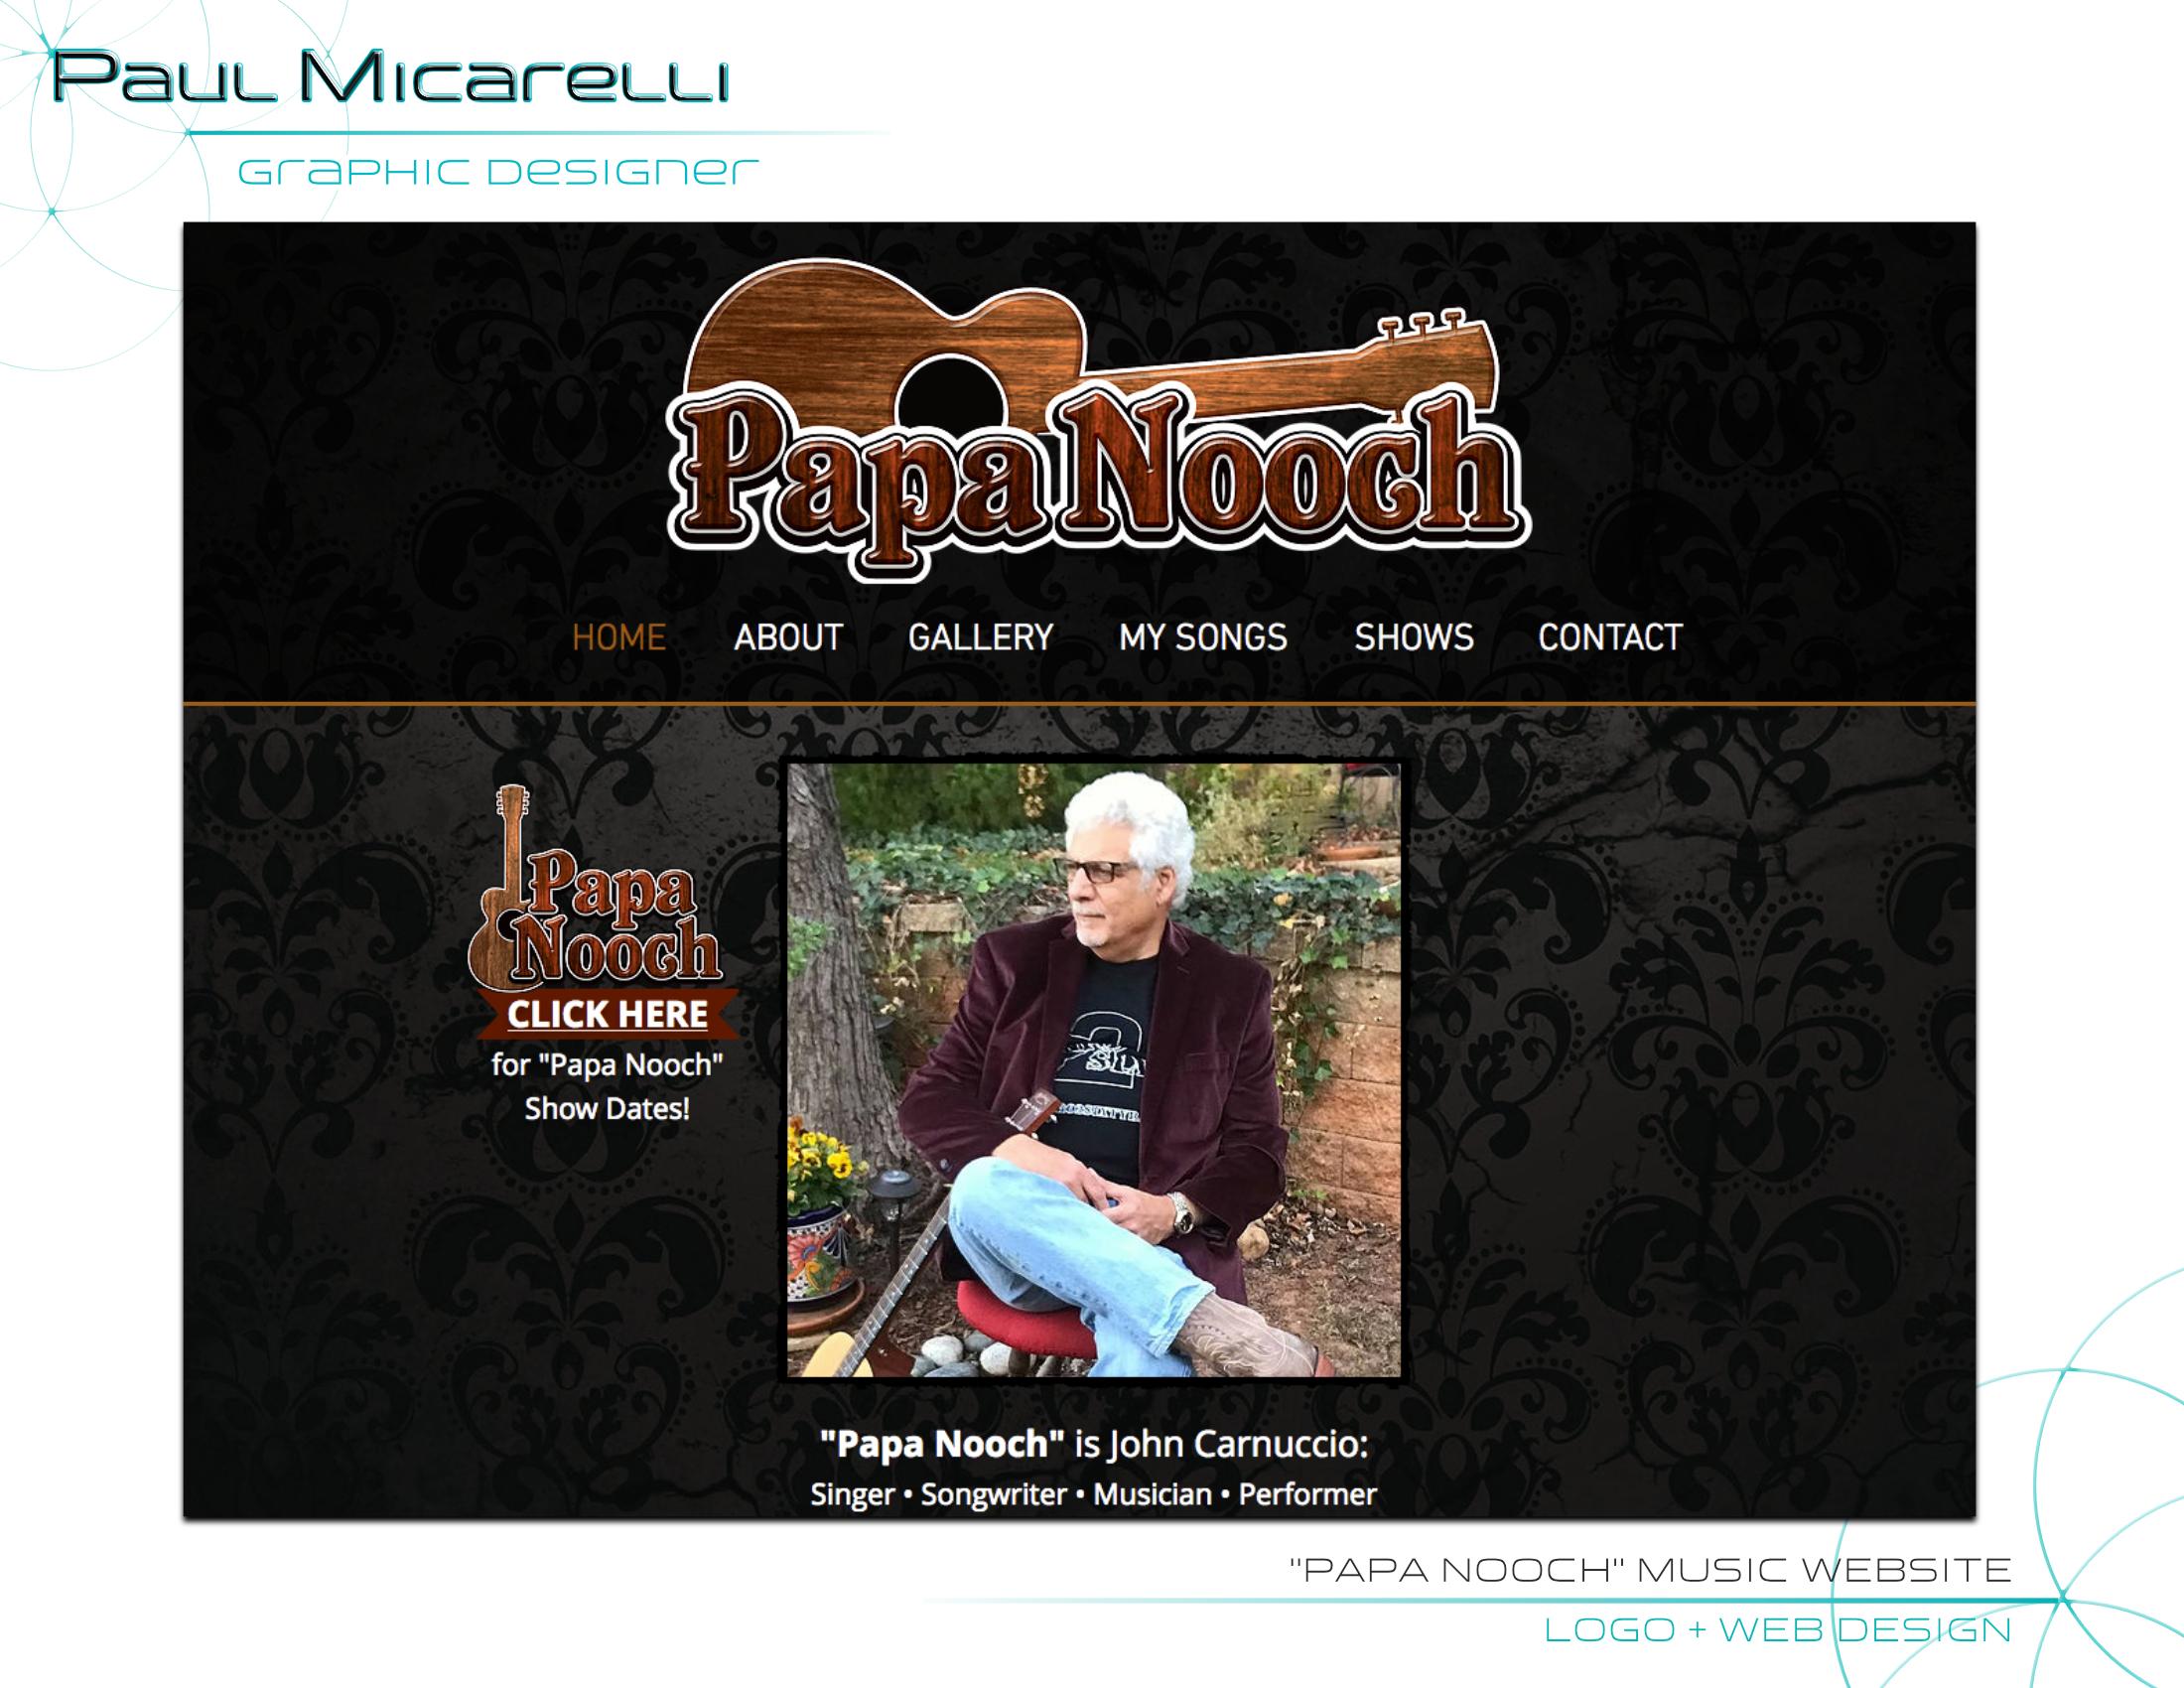 Paul-Micarelli-Papa Nooch Website